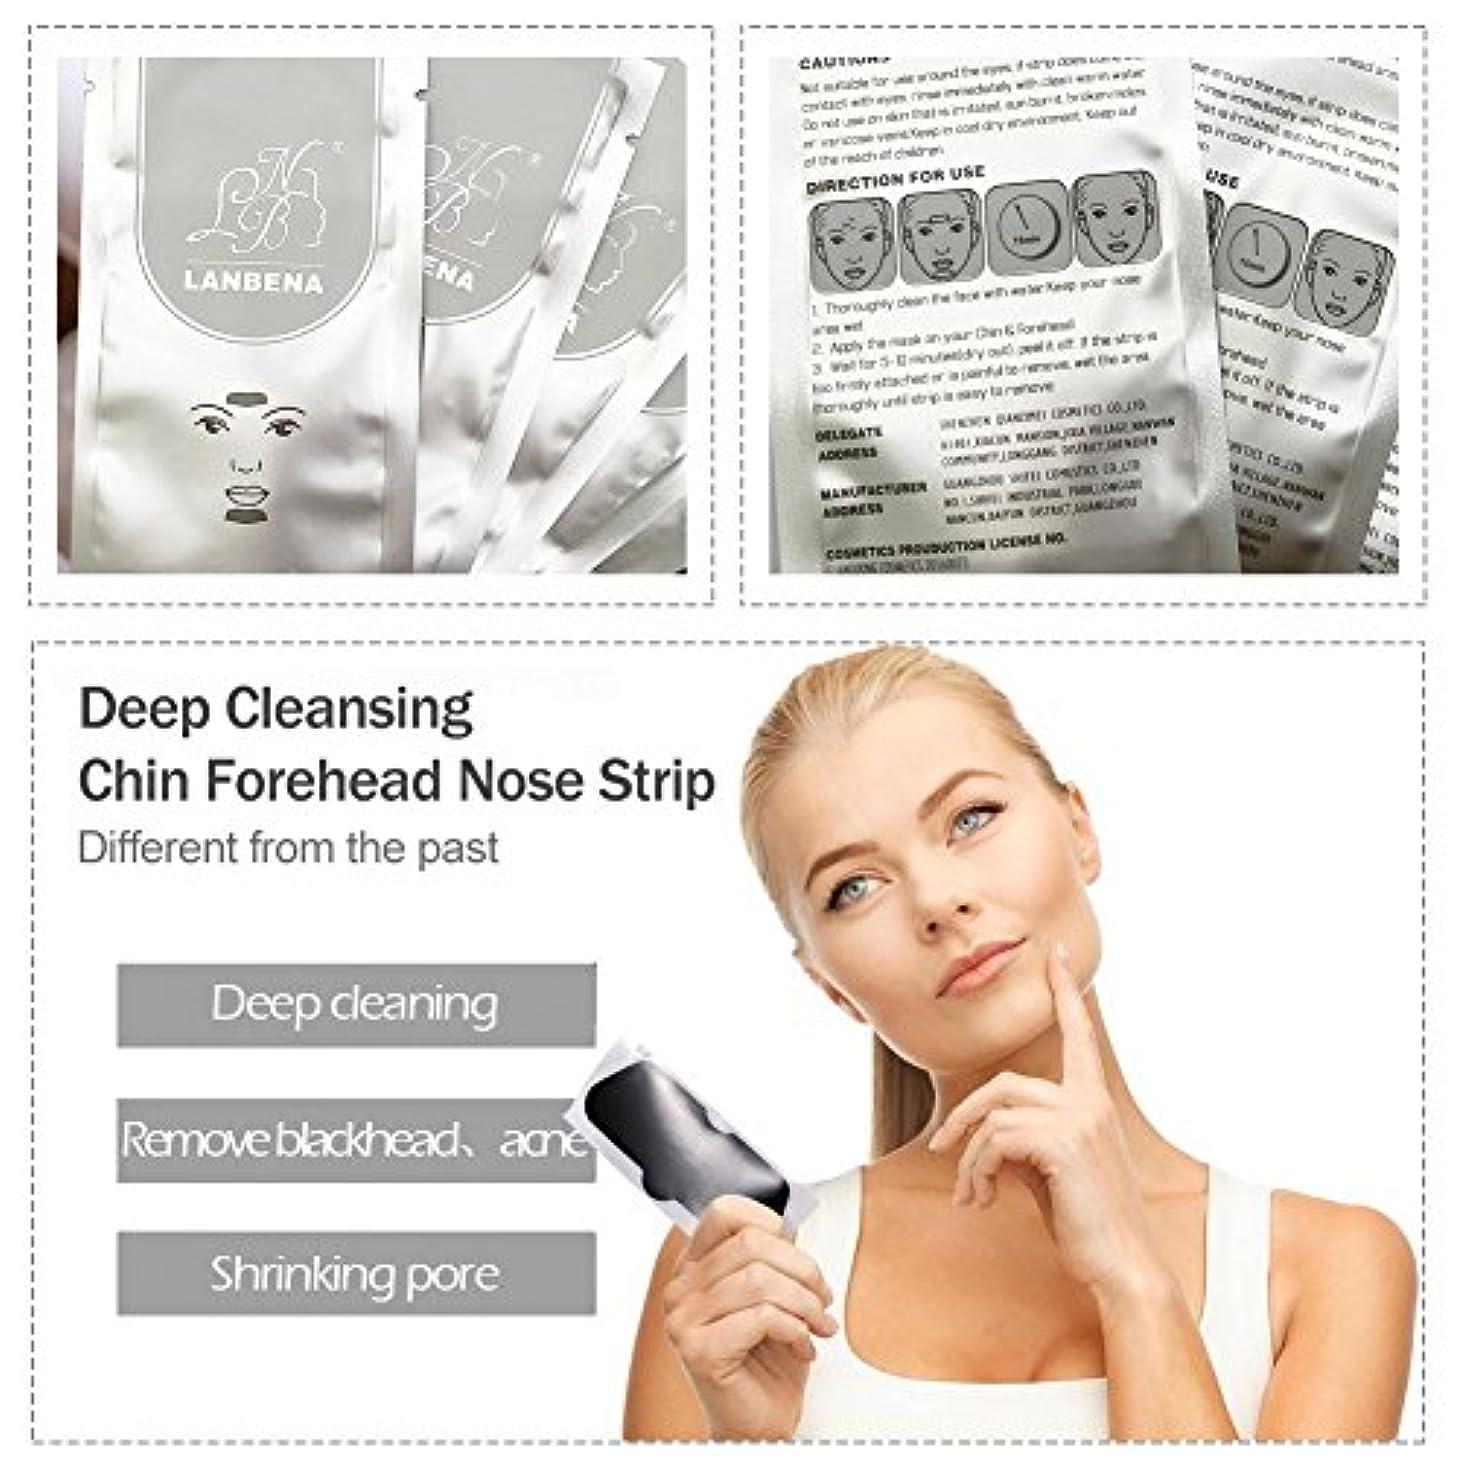 中にめ言葉ショルダー鼻ピーリングマスク10個鼻マスクピーリングディープクレンジング削除にきび浄化黒毛+ 10ピース顎額ストリップ